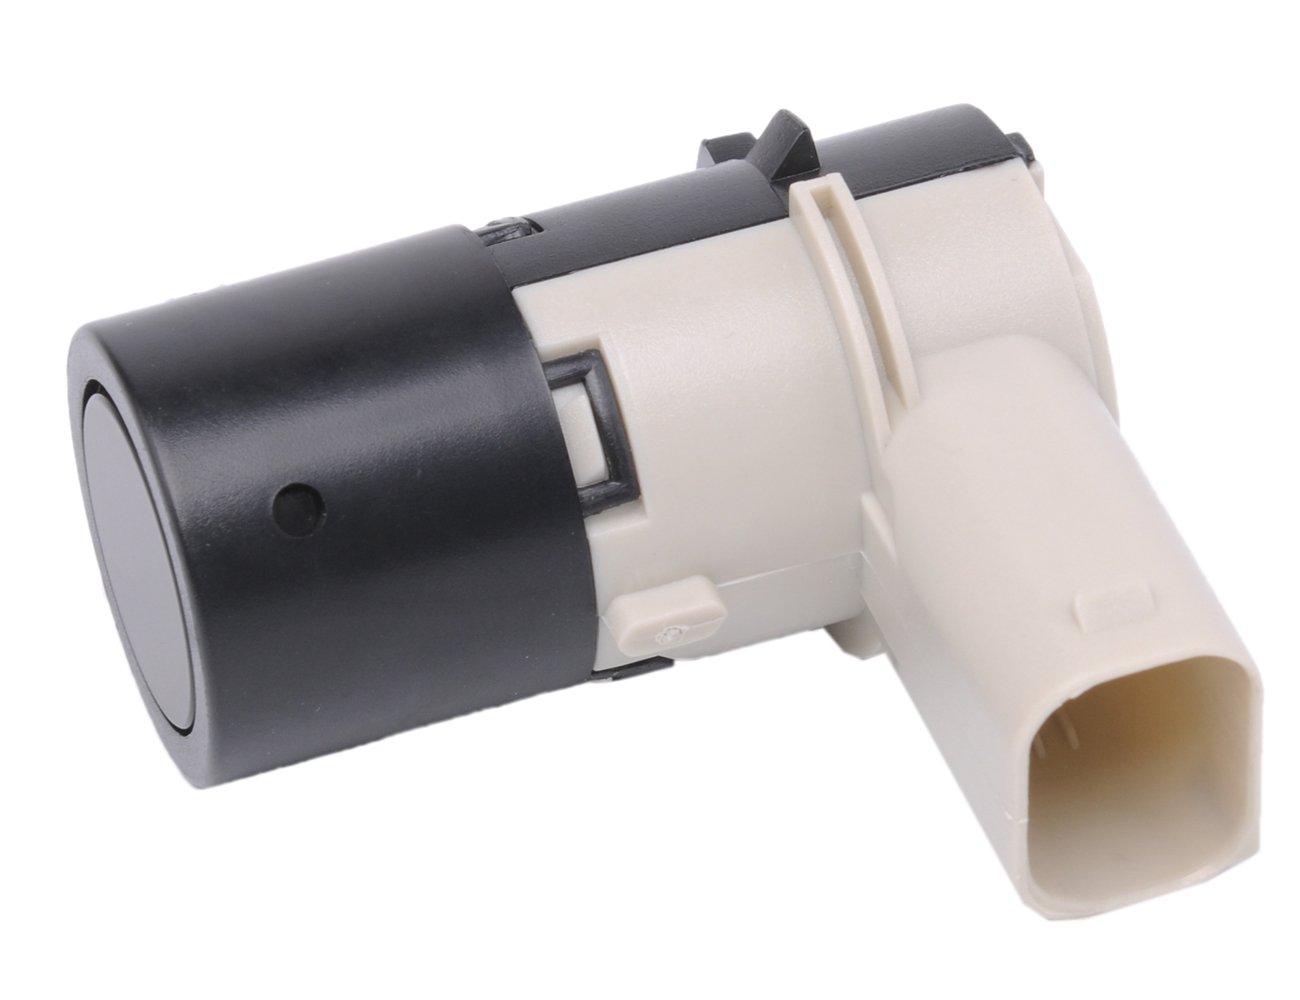 AUTOPA 66206989105 PDC Parking Sensor for BMW 5 6 Series E60 E61 E63 E64 530i M5 650i M6 (Pack of 4)